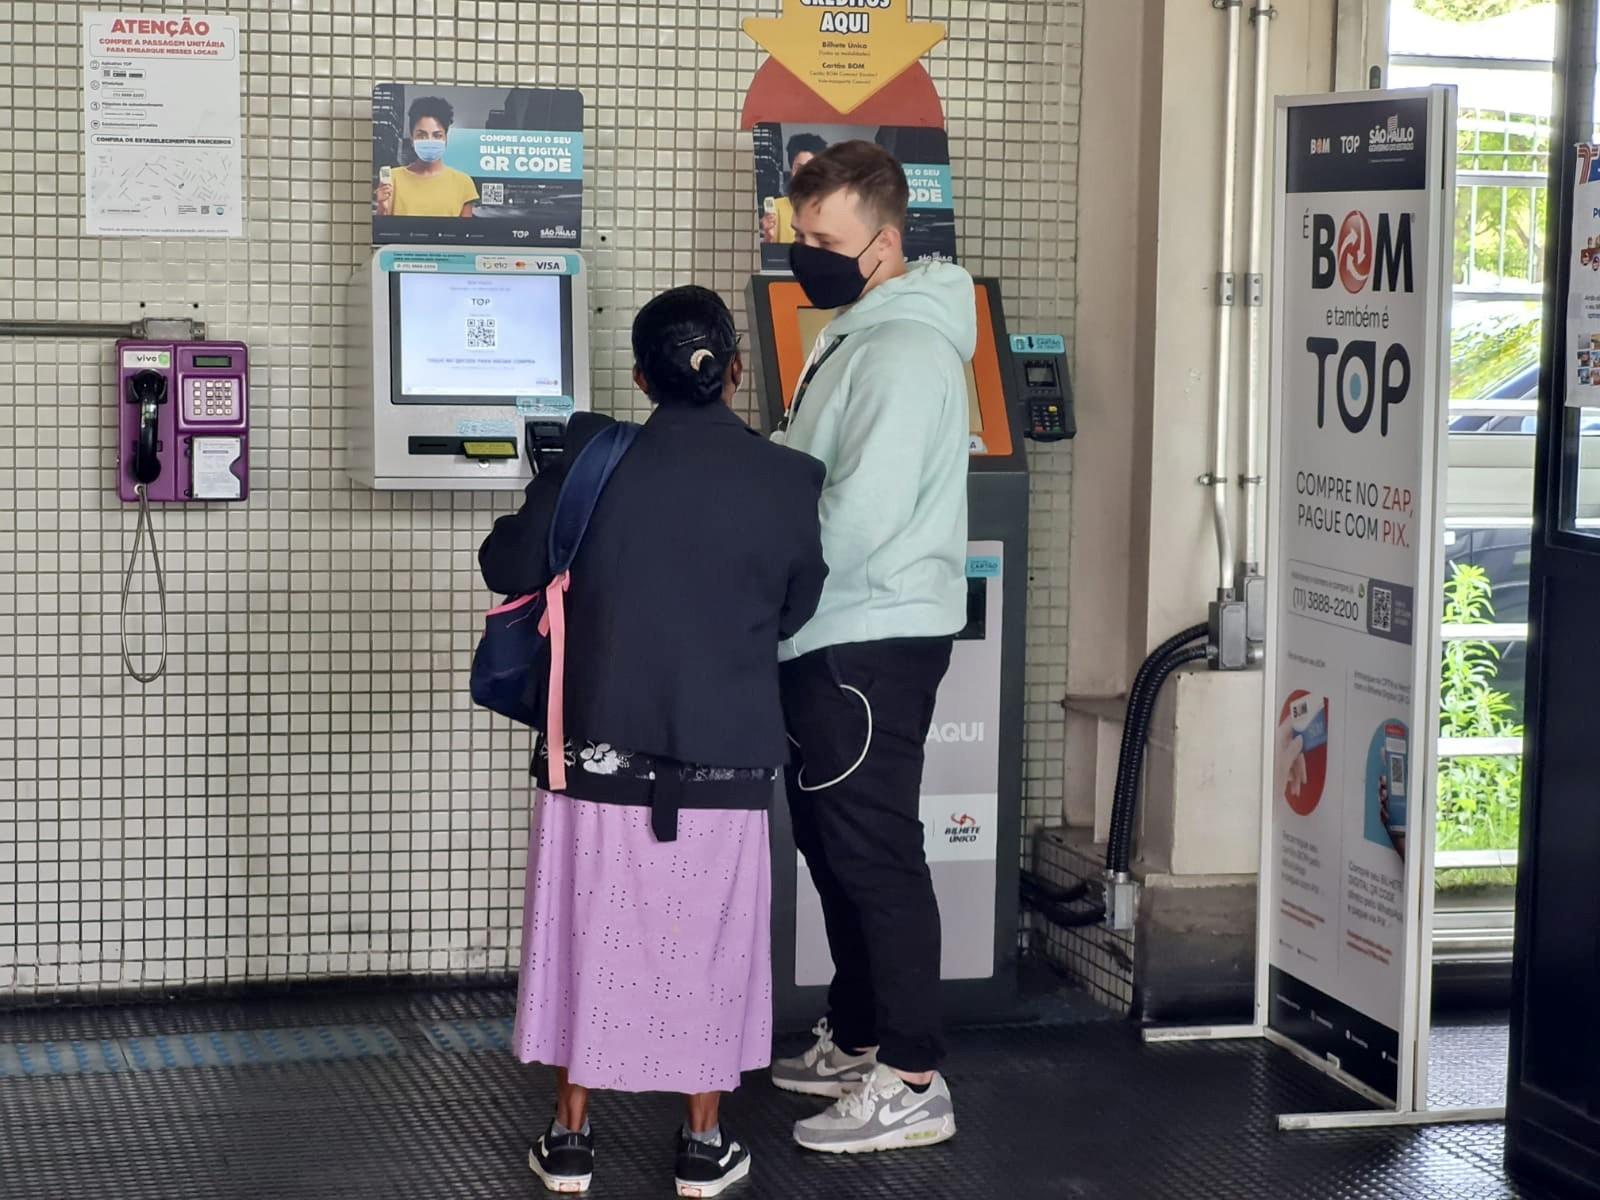 Bilheterias das estações Belém e Granja Julieta são desativadas nesta sexta; veja mudanças